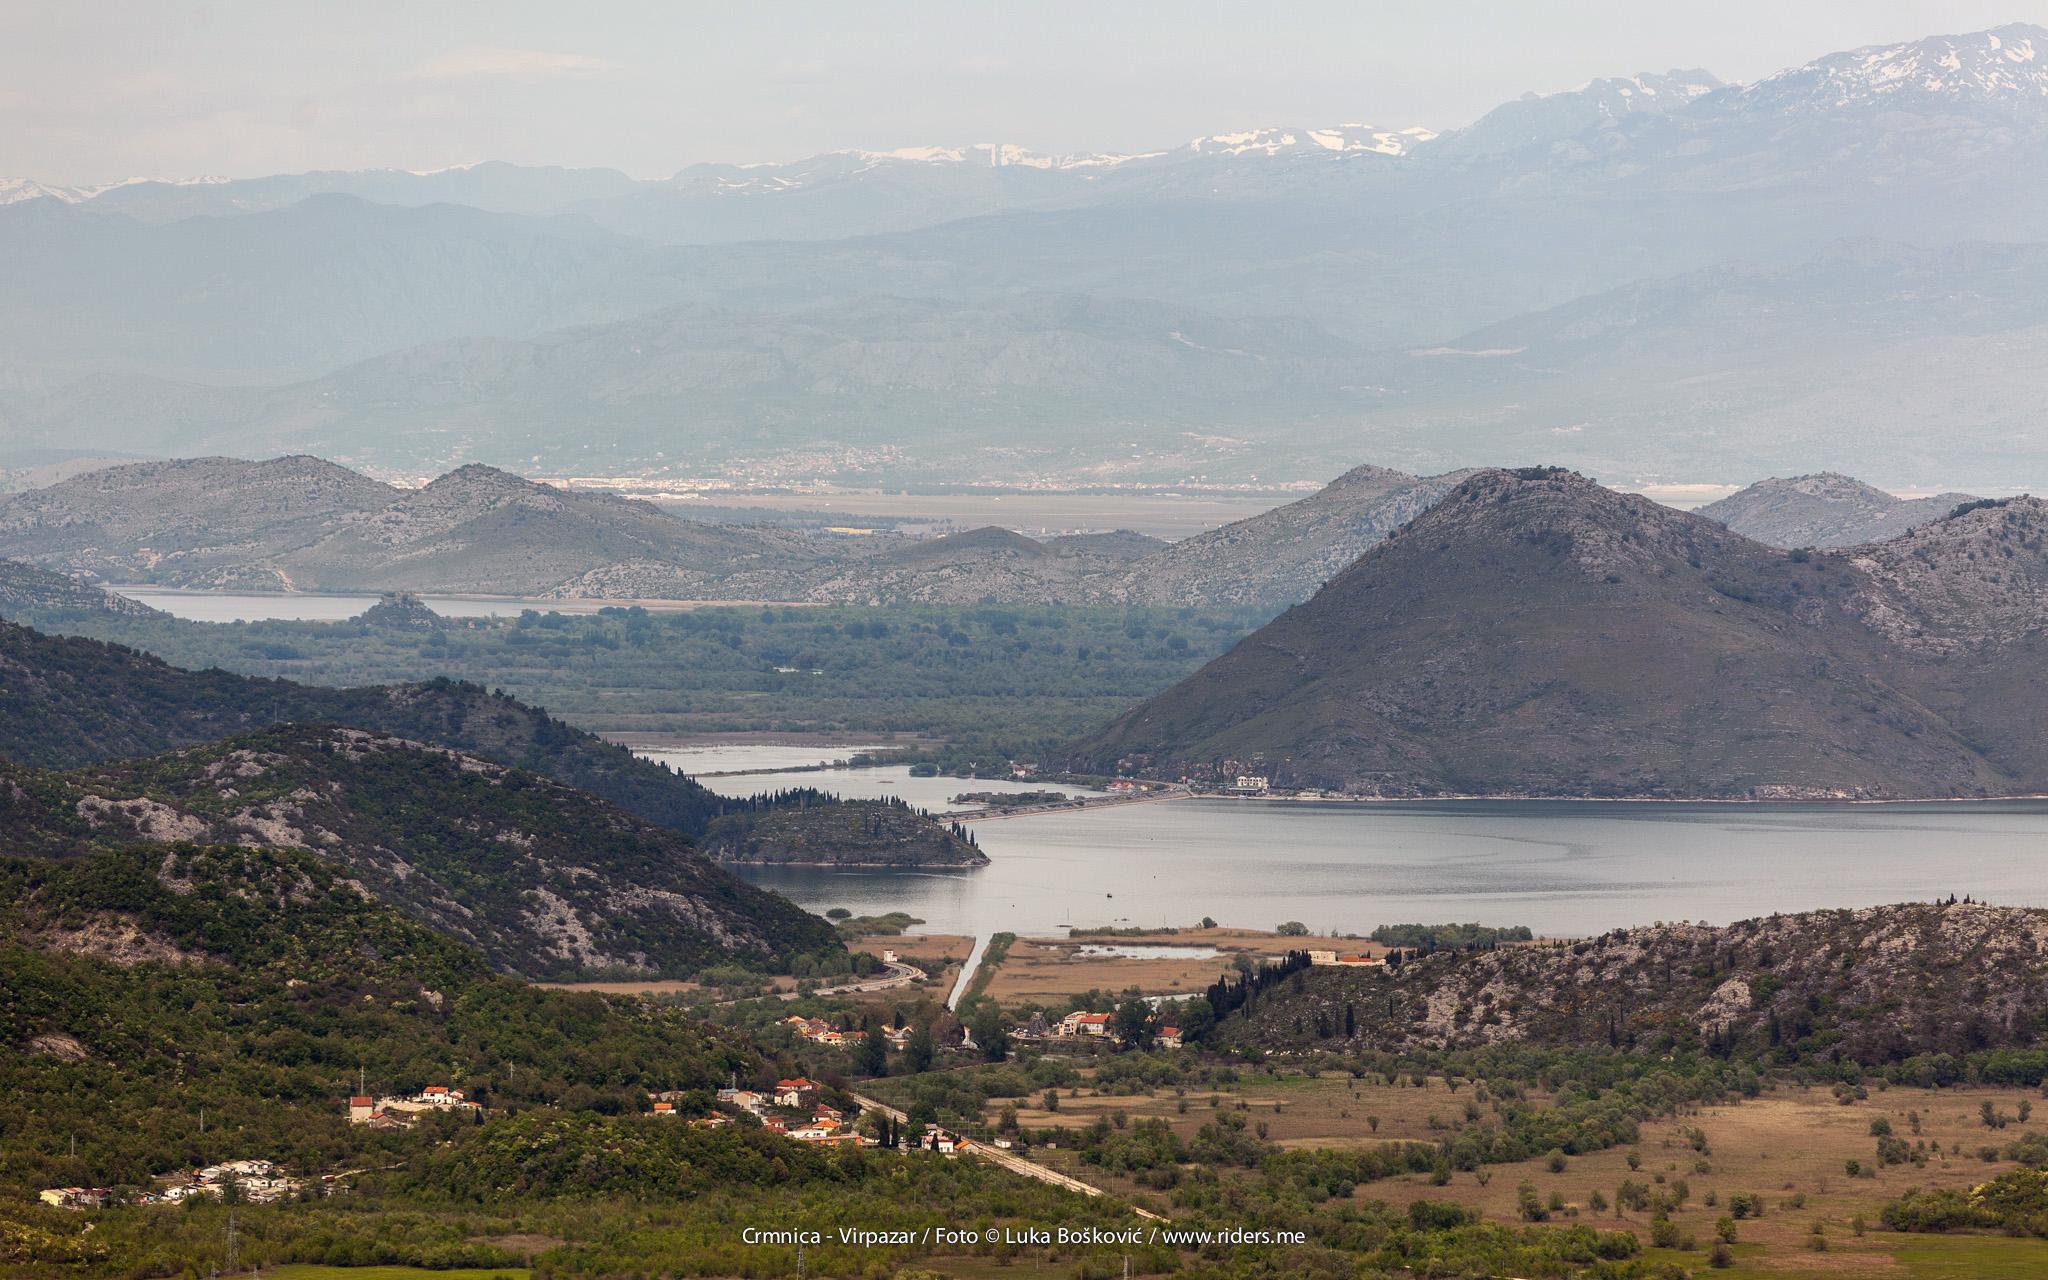 Pogled na Virpazar, Vranjinu i u daljini Podgoricu